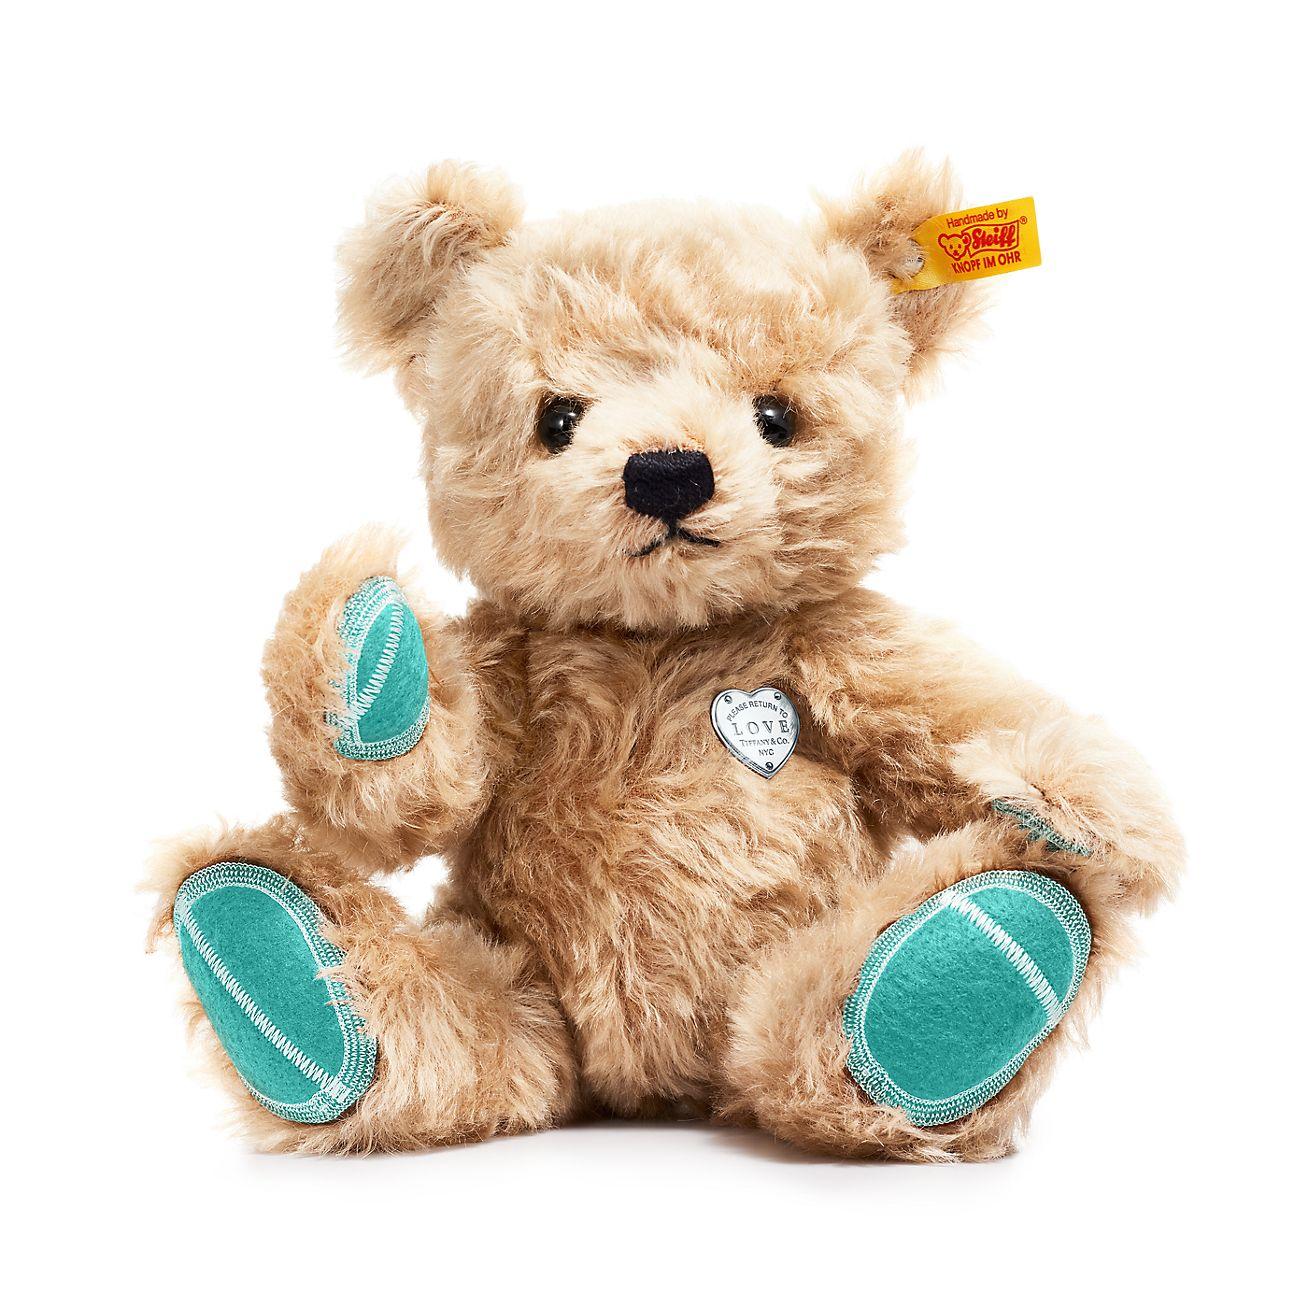 tiffany x steiff return to tiffany love teddy bear in mohair